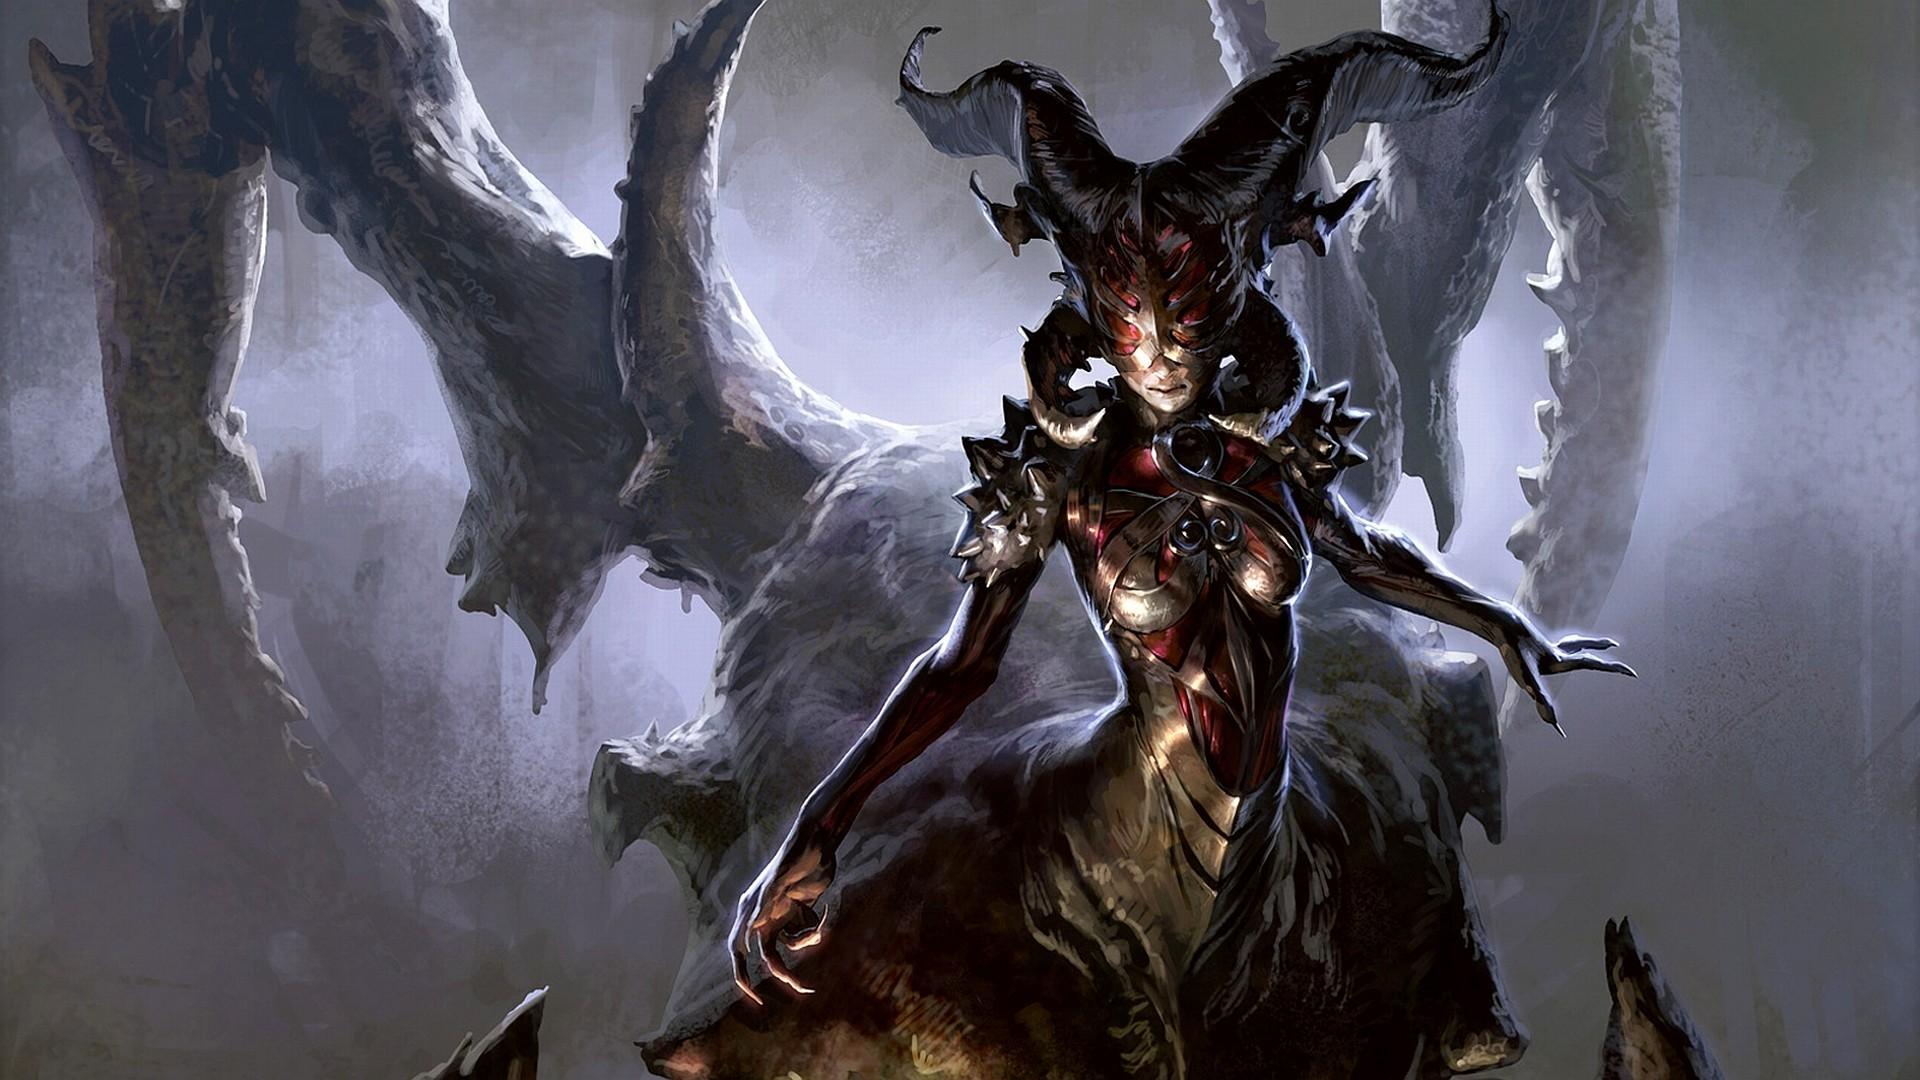 Artwork Demon Girl Demons Devil Fantasy Art Magic The Gathering